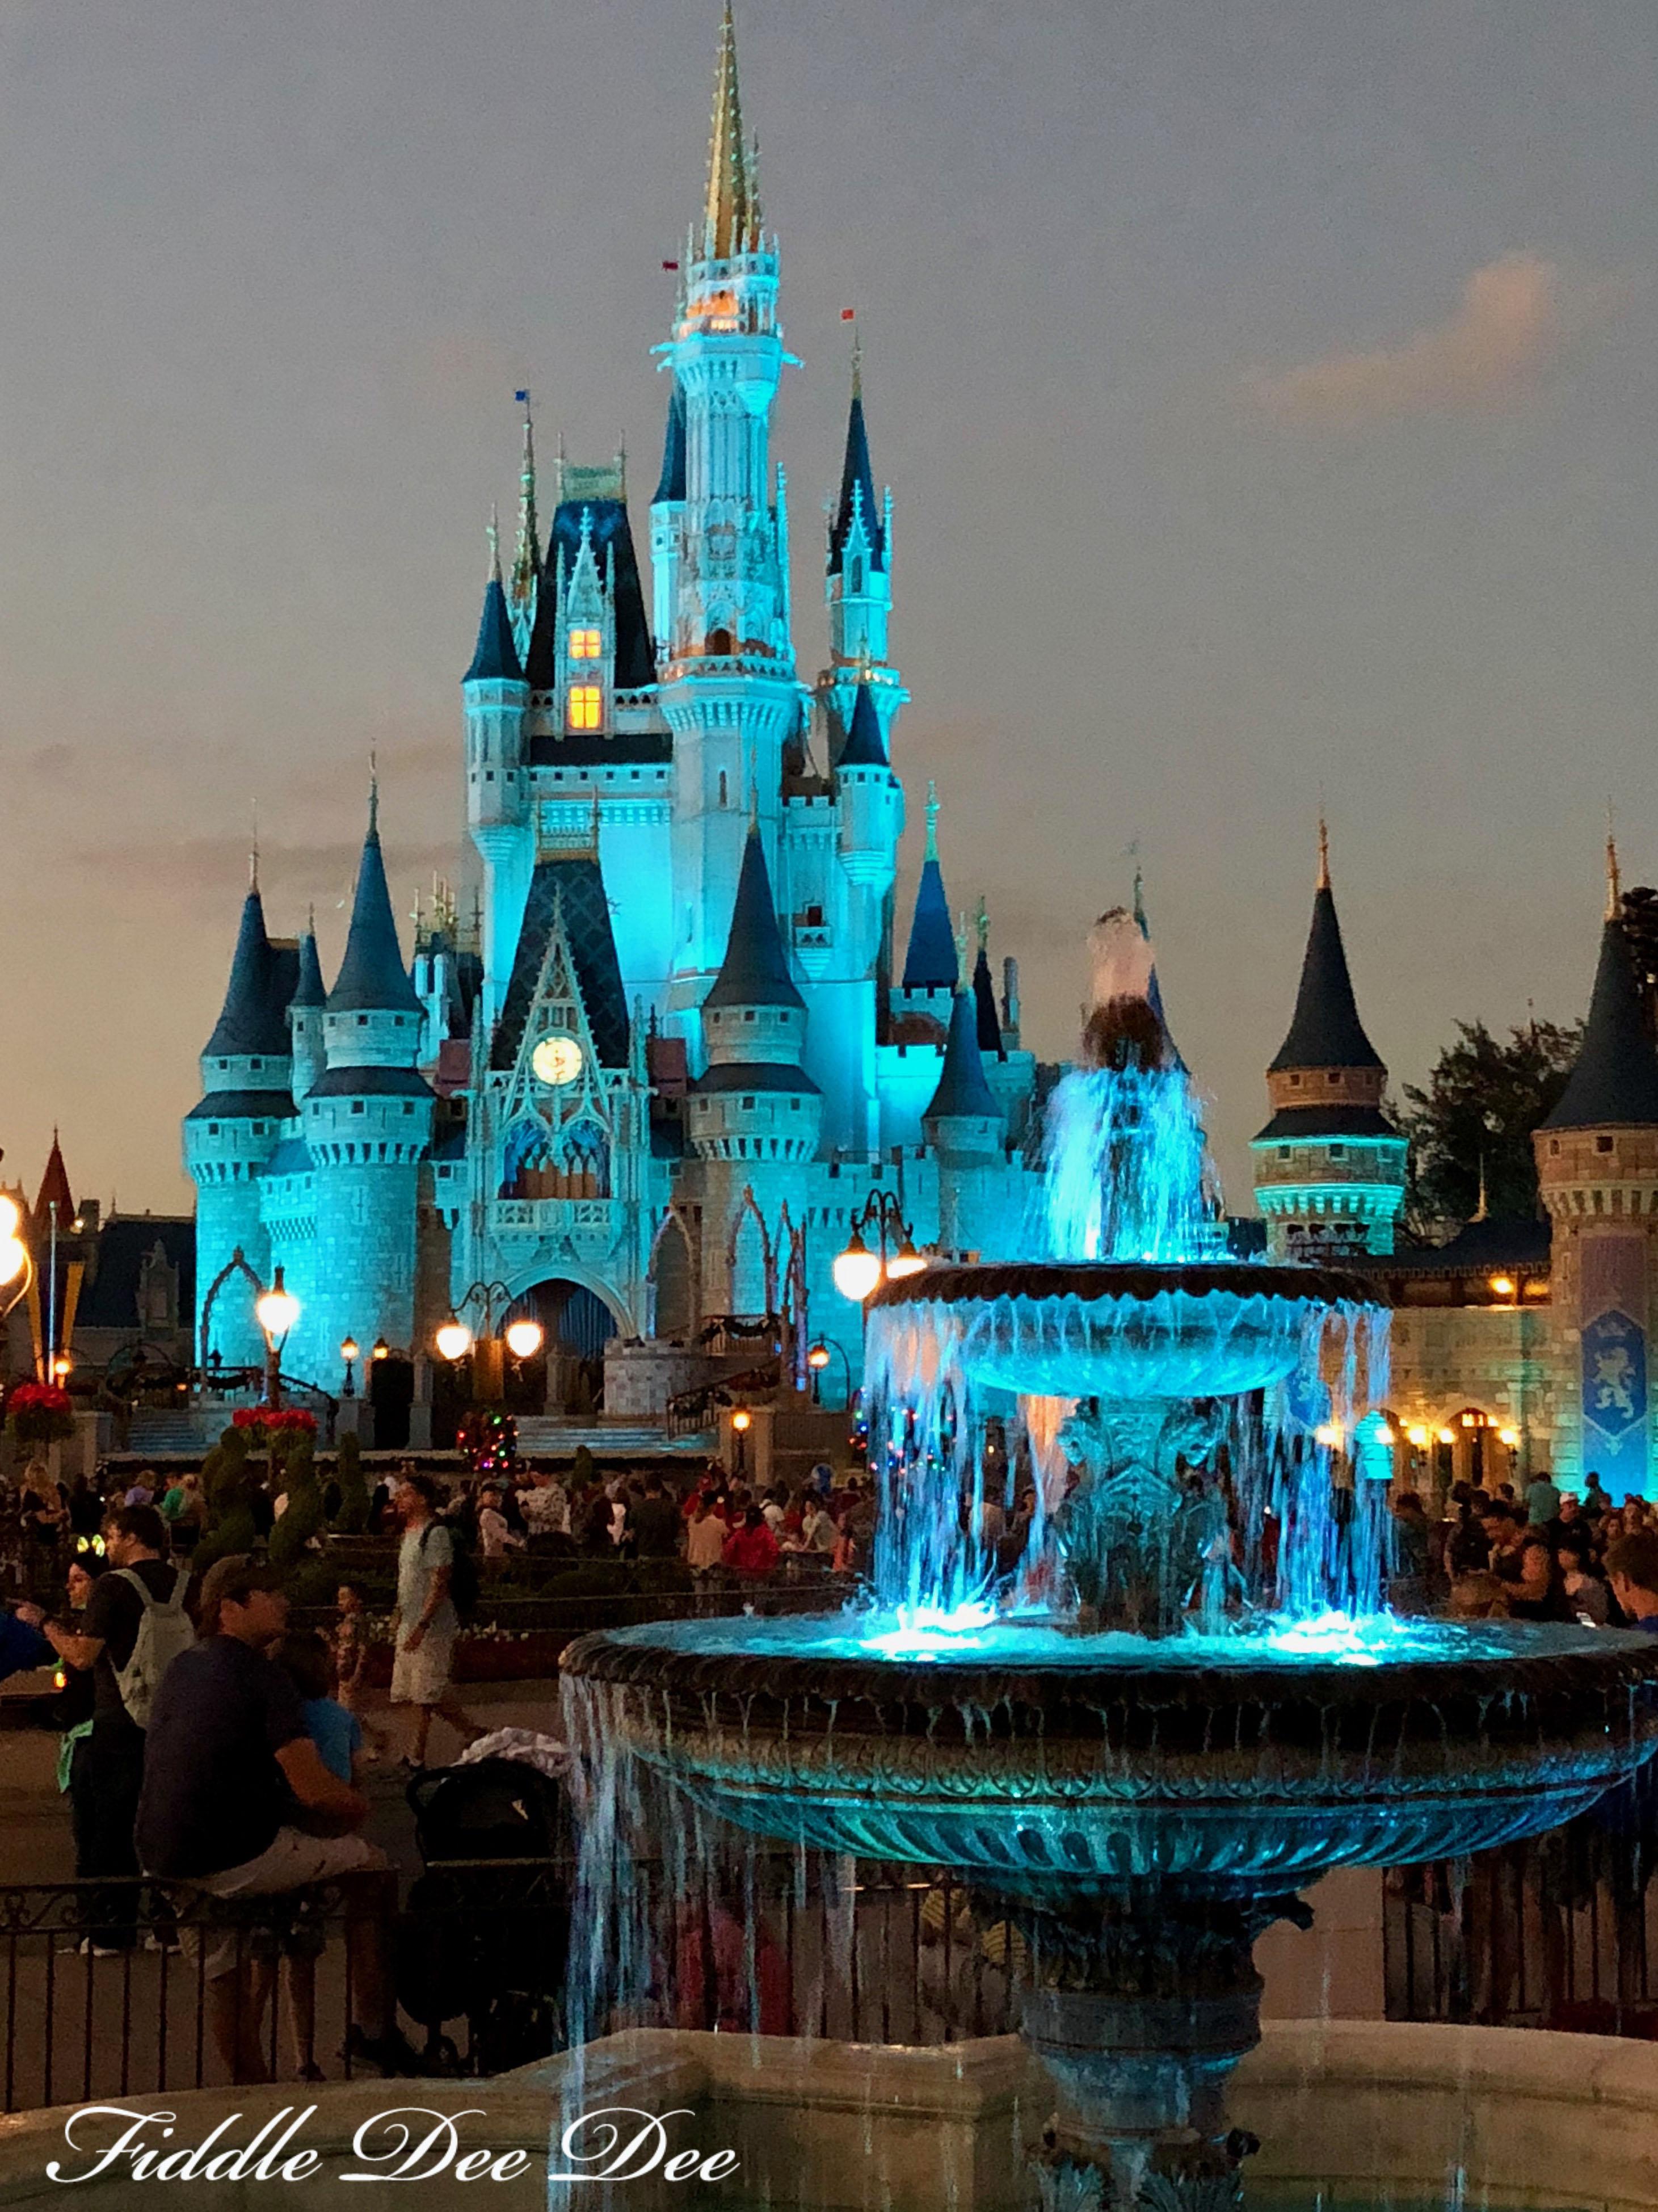 Disney-Magic | Fiddle Dee Dee